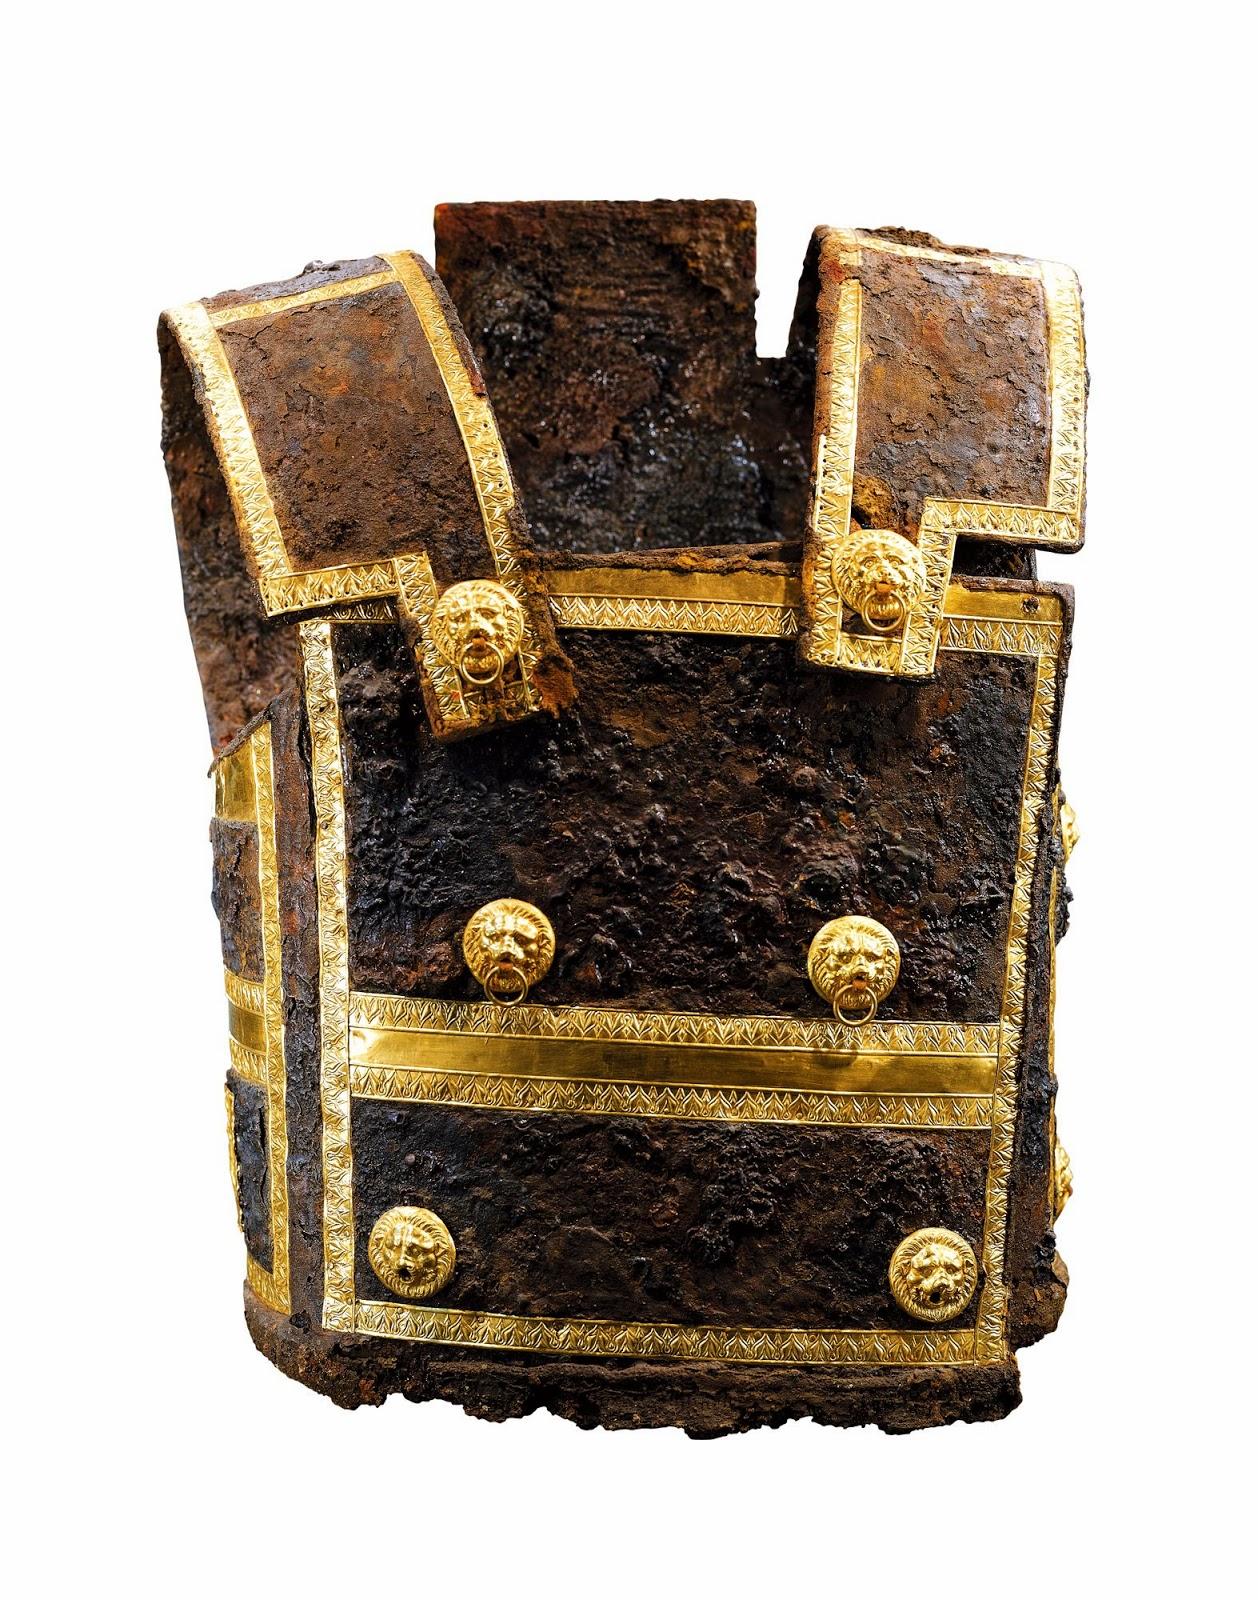 Coraza hallada en la tumba de Filipo II tras su restauración. Estaba articulada en ocho puntos, rematada